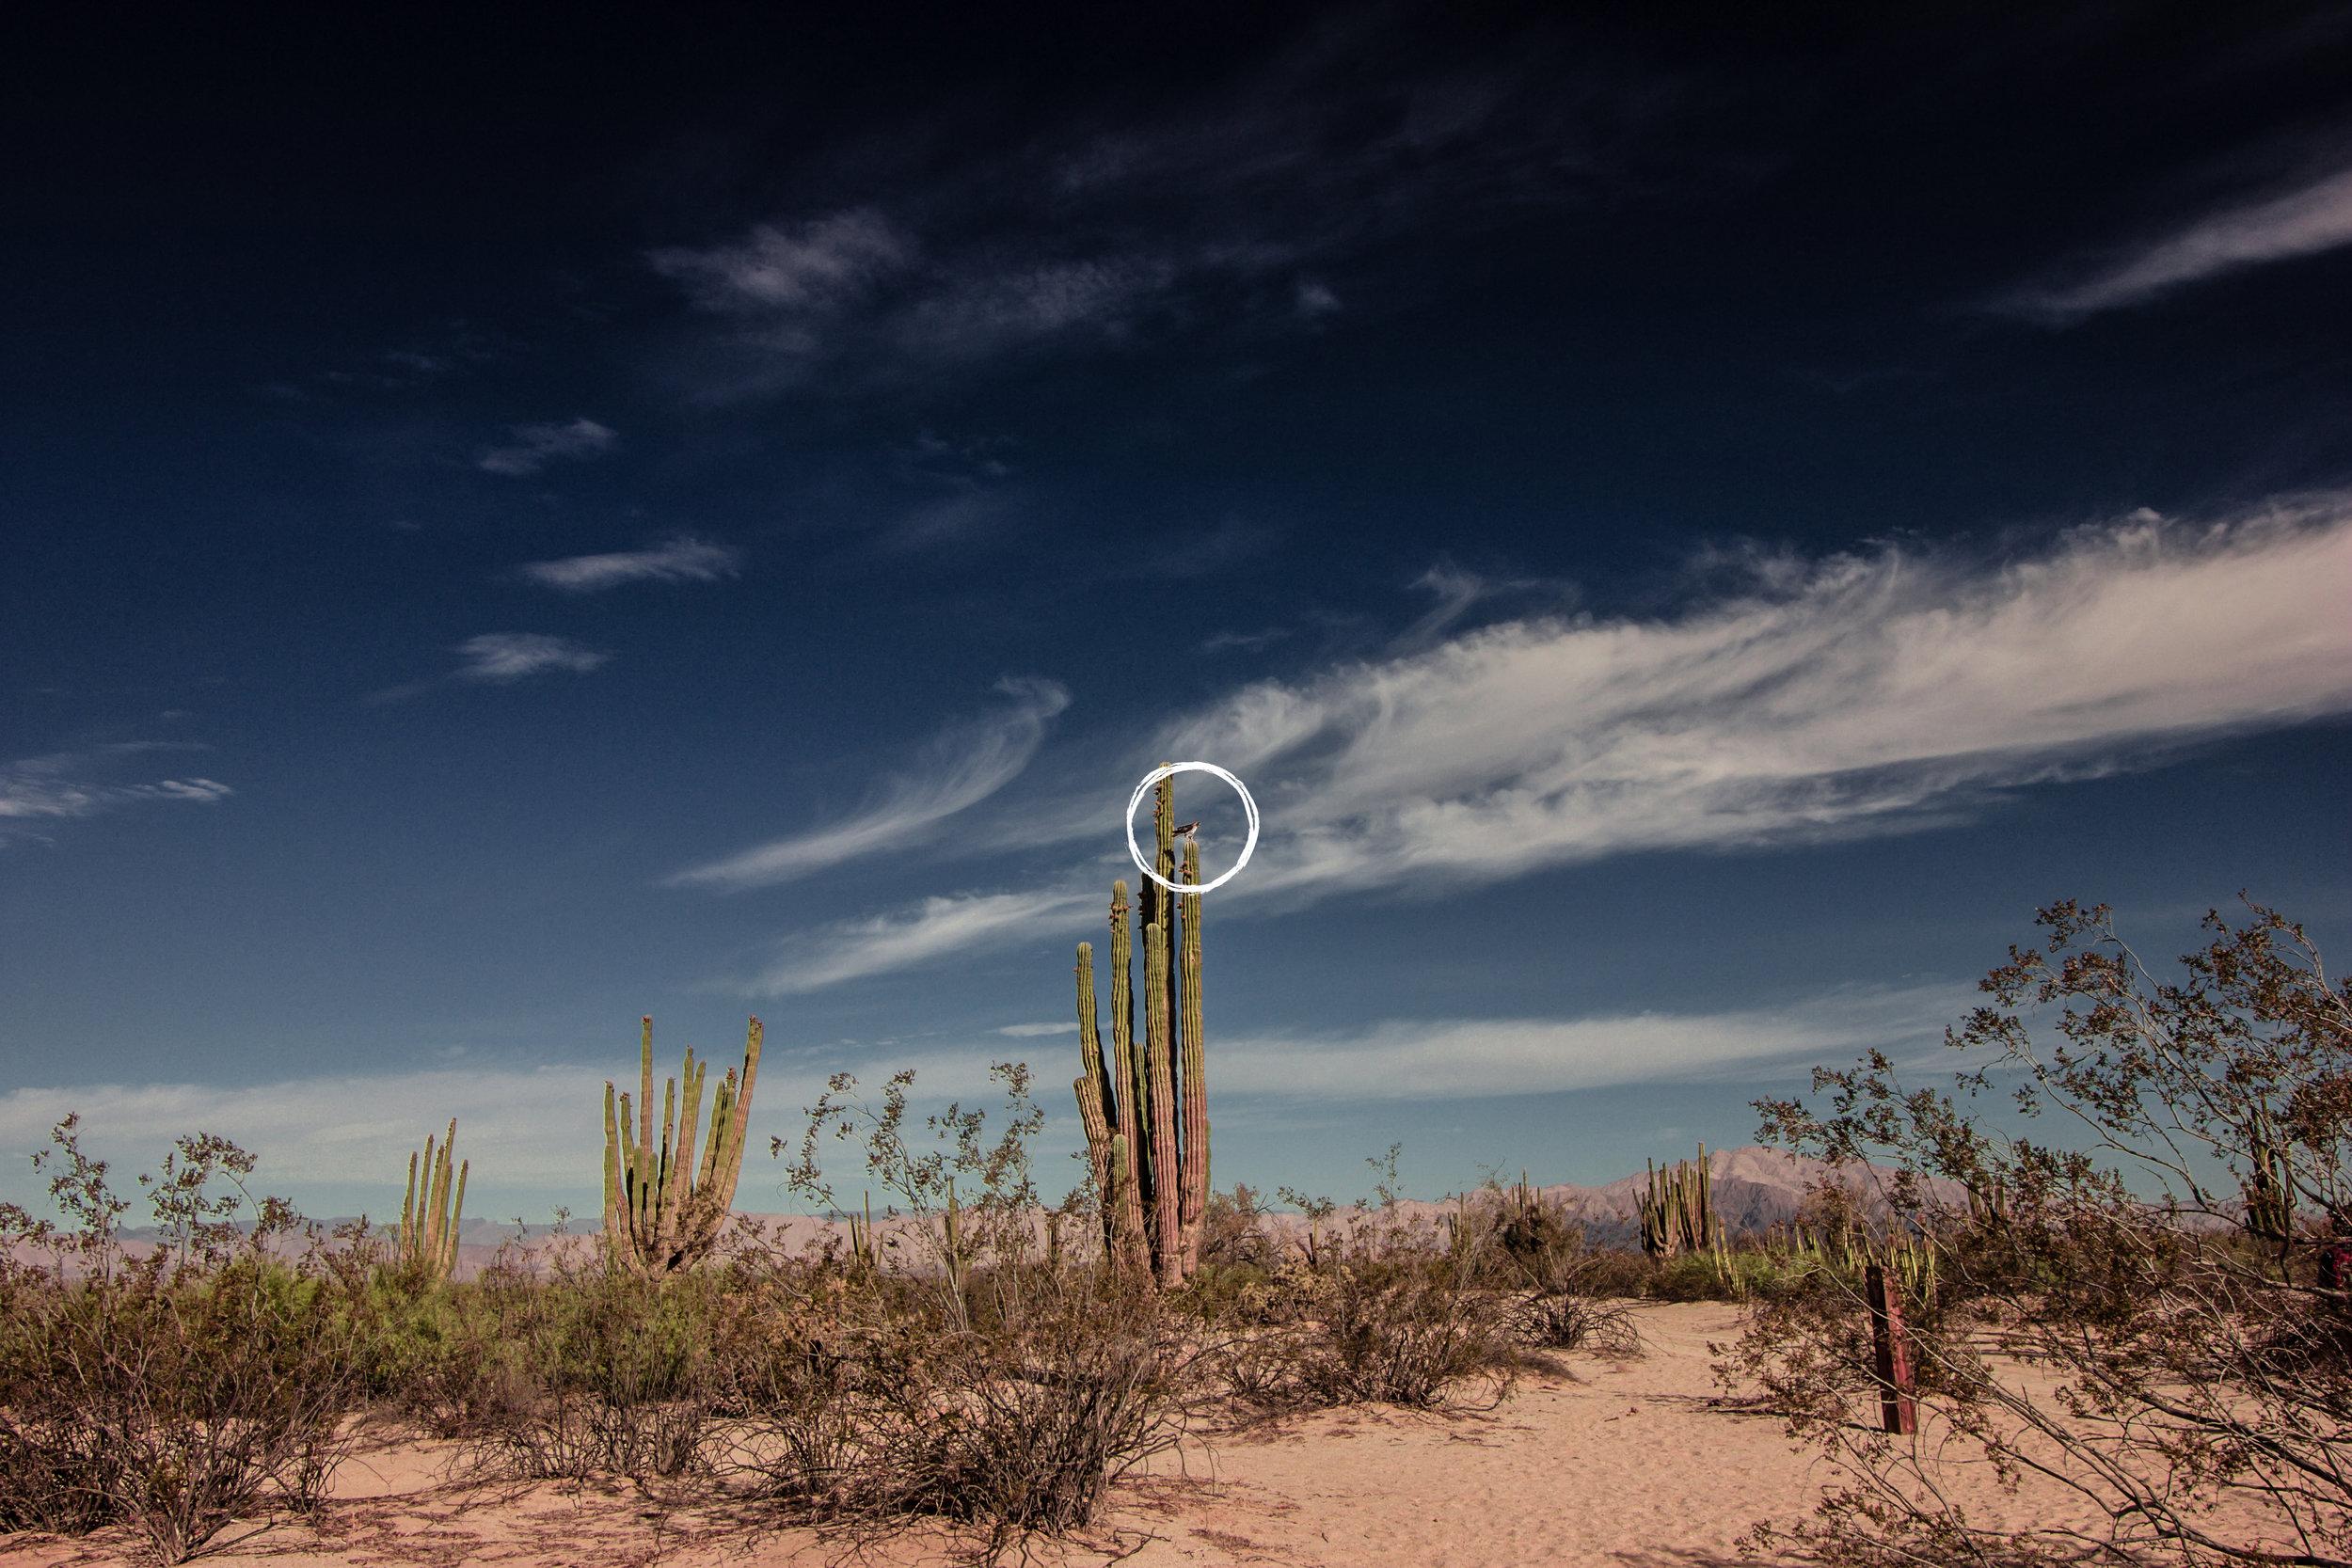 20180611-Baja_Valley_of_Giants_05B.jpg